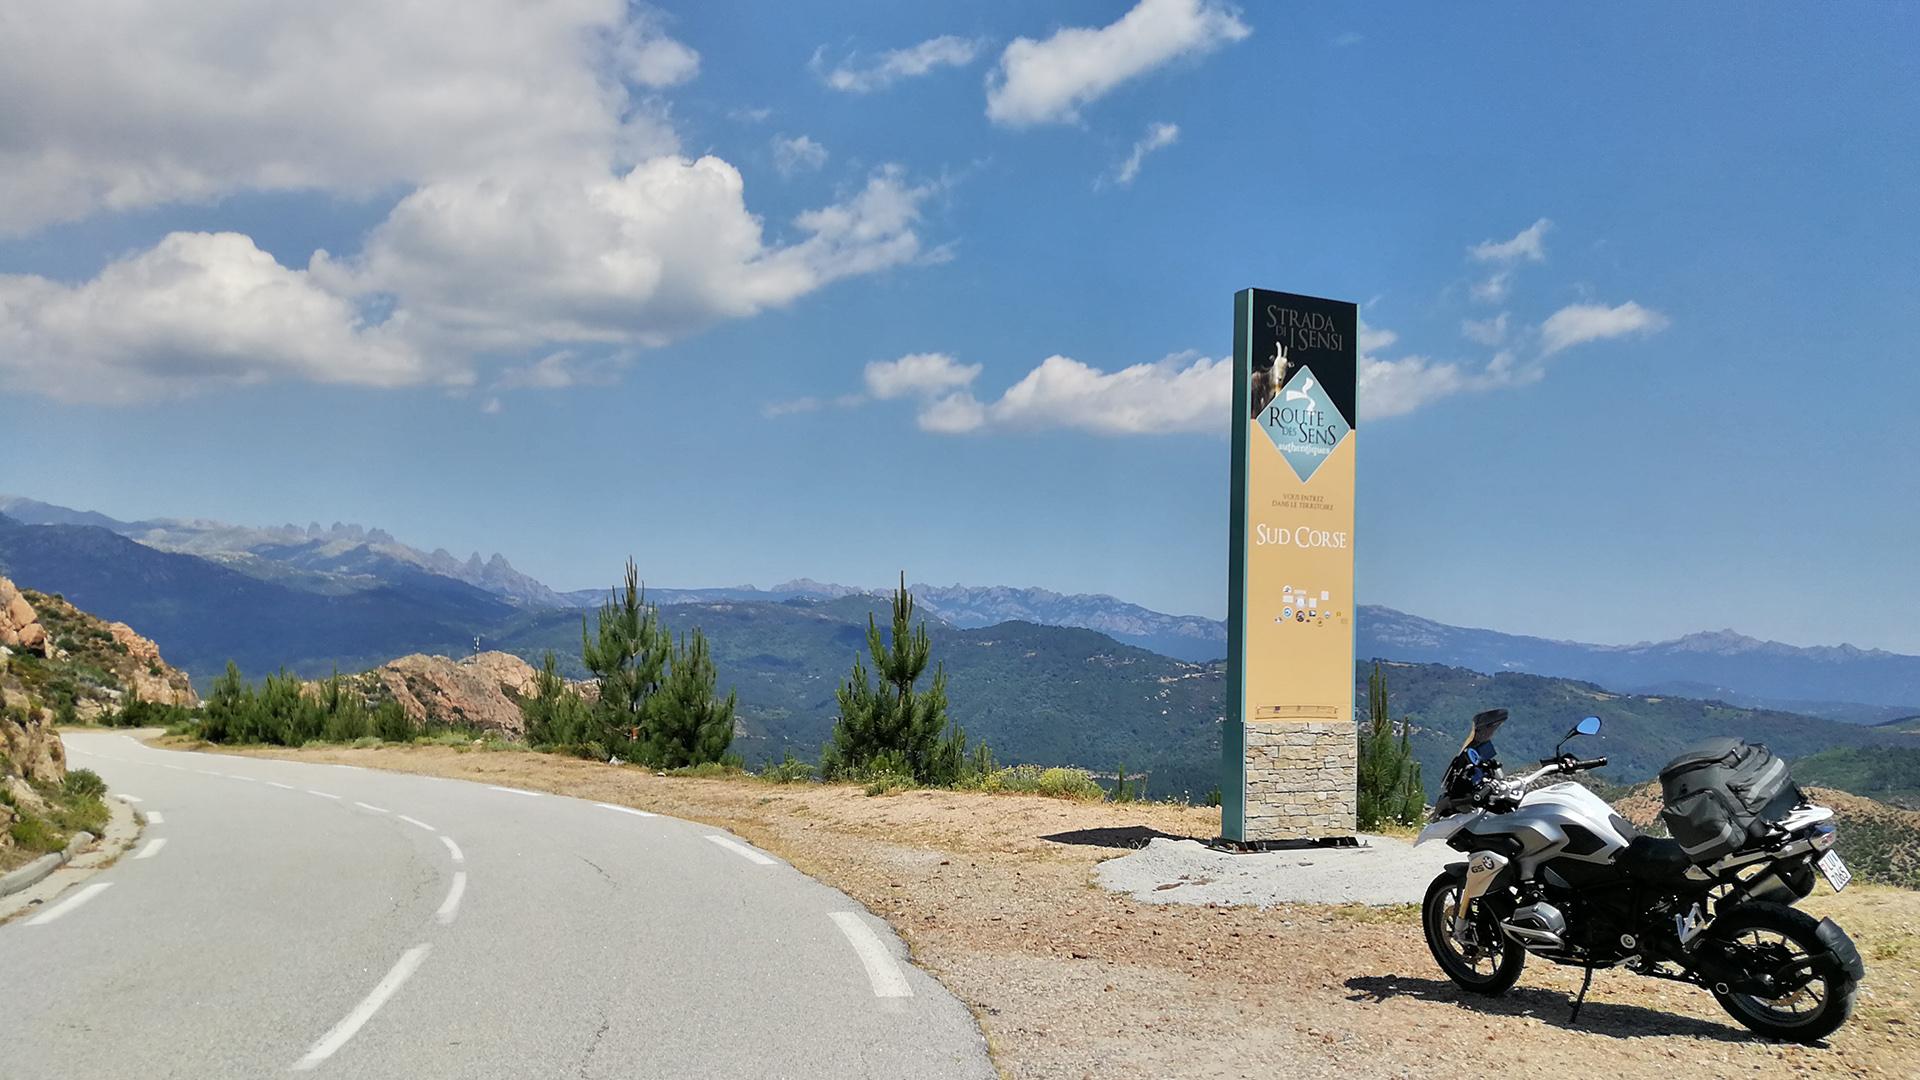 1036 - F (Corse) - Col de Saint-Eustache (Bocca di Sant'Ustasgiu)